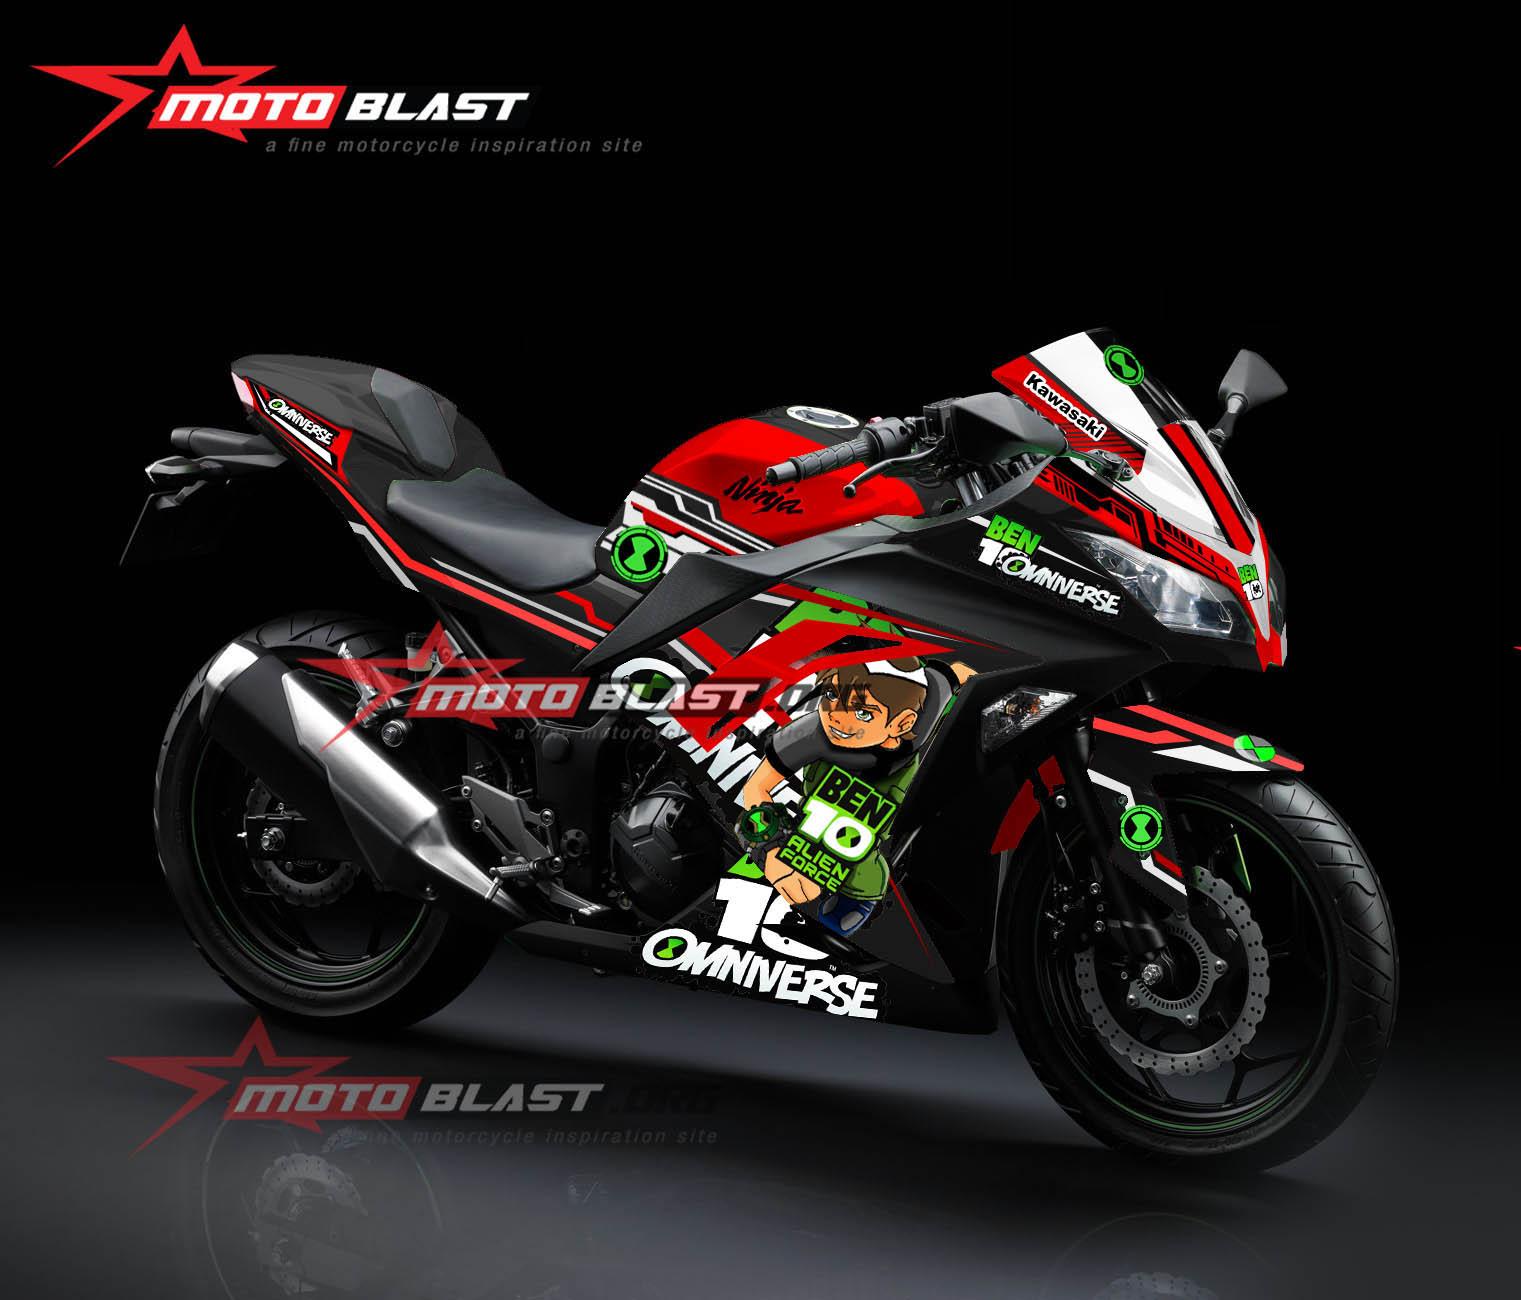 2 ninja 250r fi black ben 10 motoblast 2b motoblast diterbitkan agustus 8 2015 di 1521 1300 dalam voltagebd Image collections